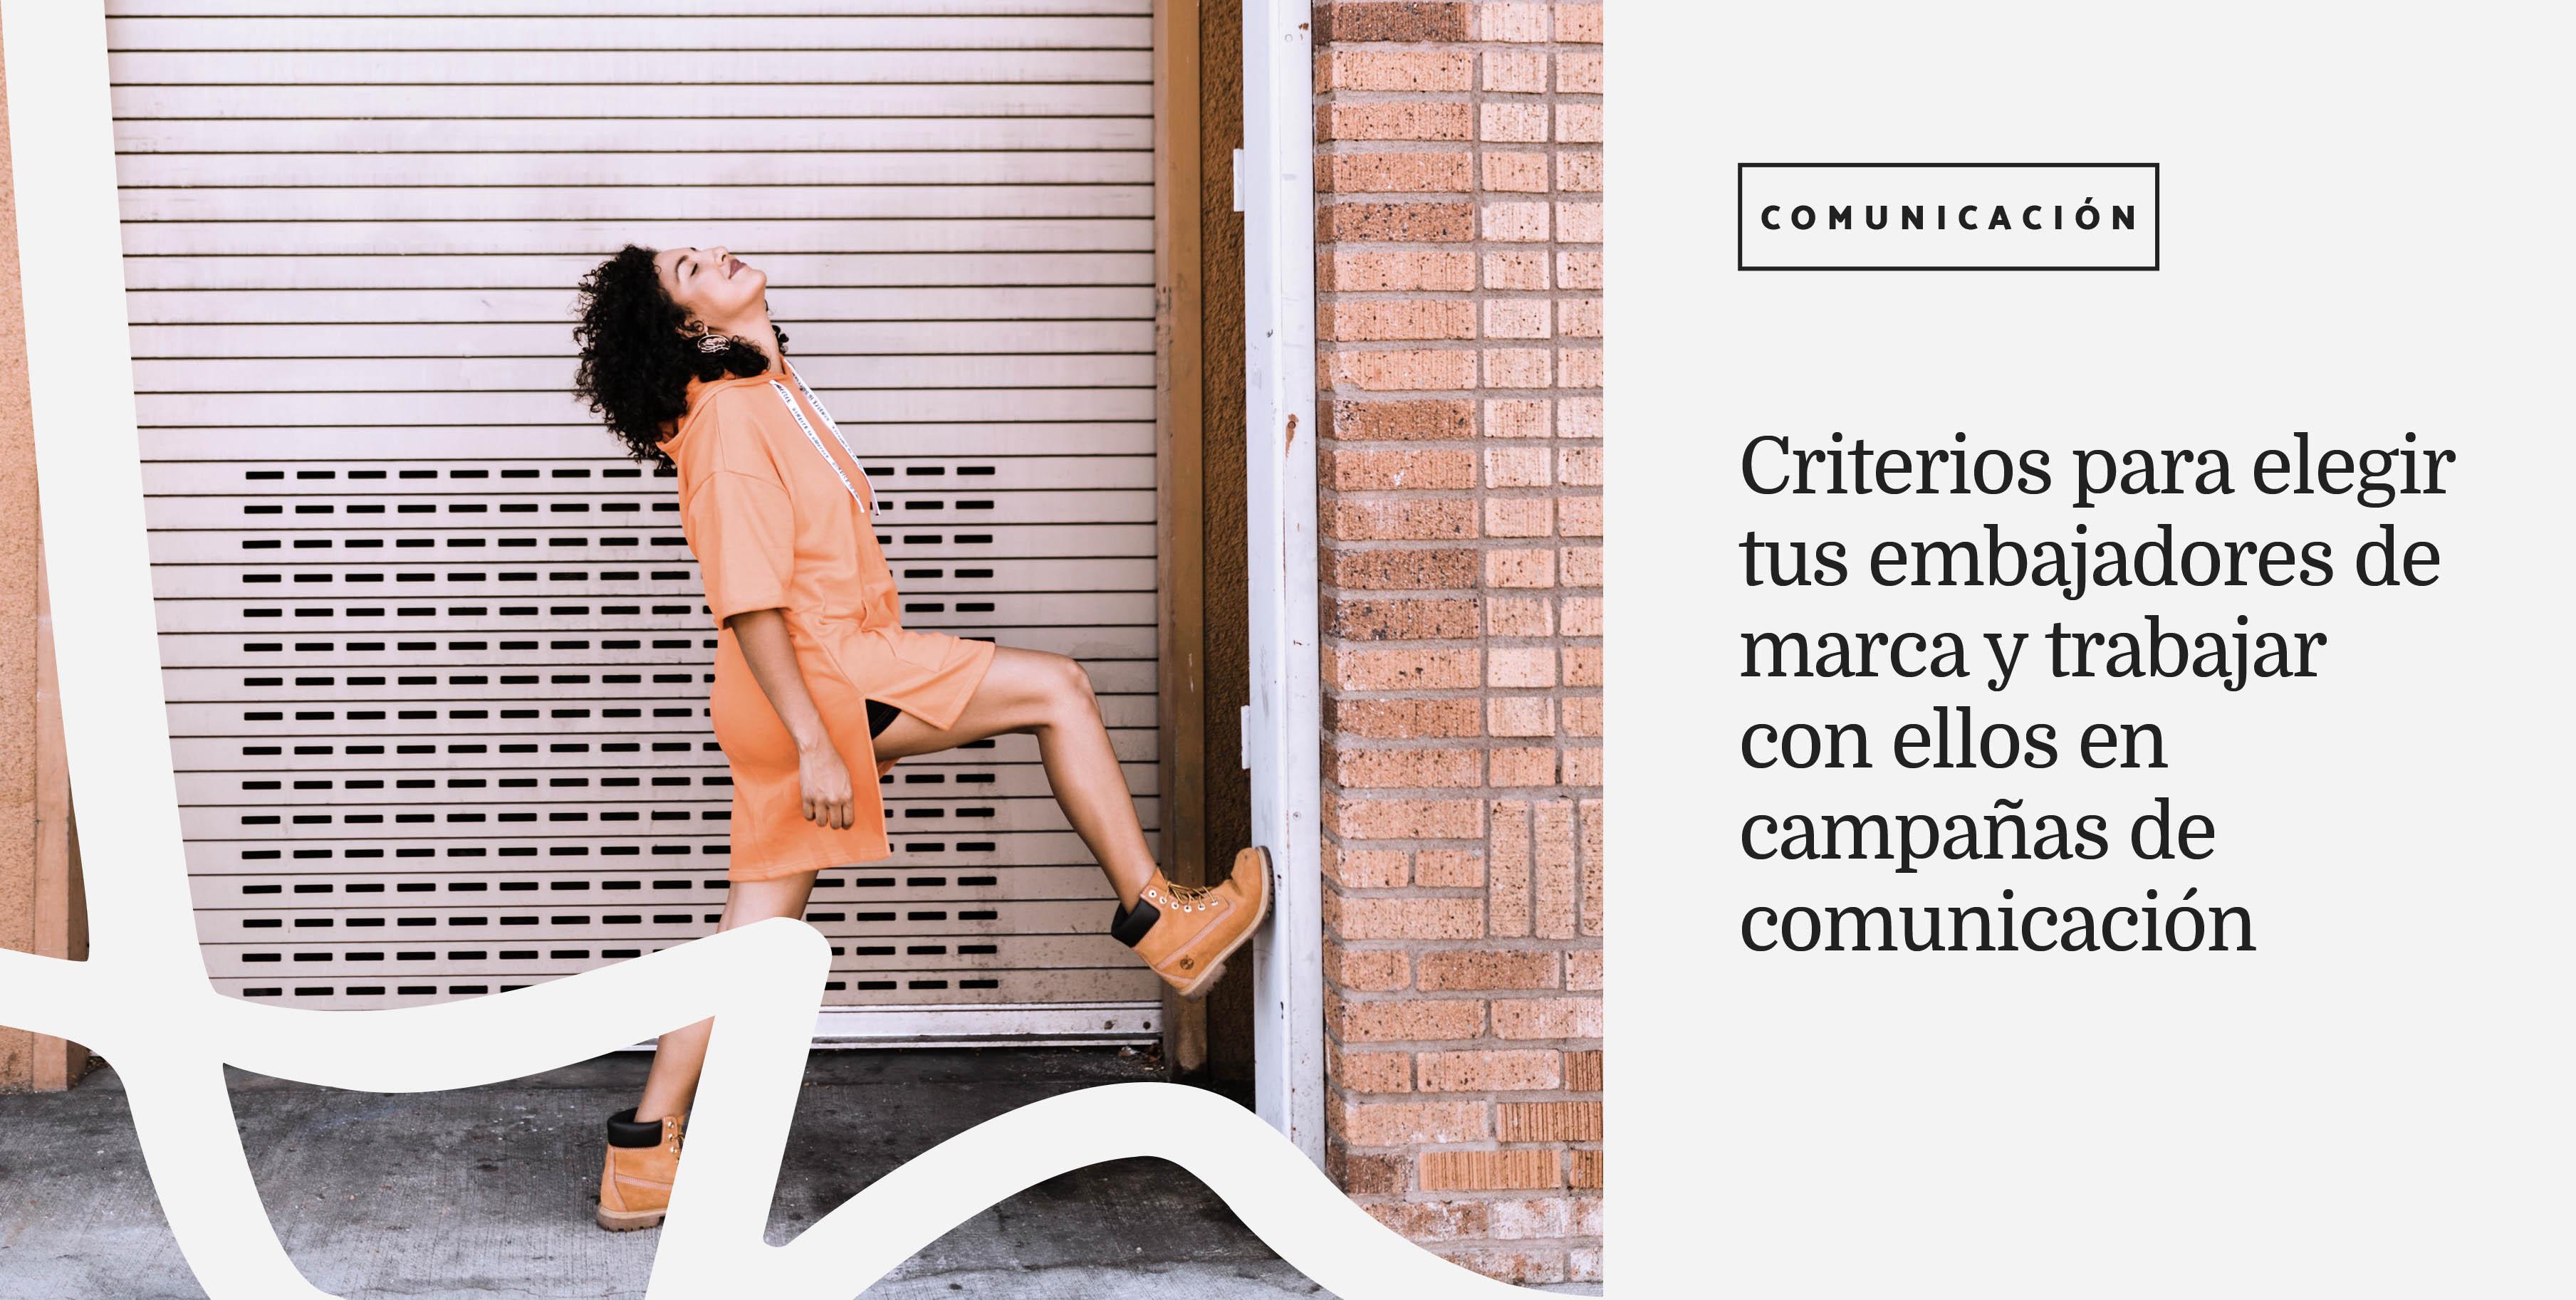 Embajadores-de-marca-en-moda-Ana-Diaz-del-Rio-Portada-2.jpg